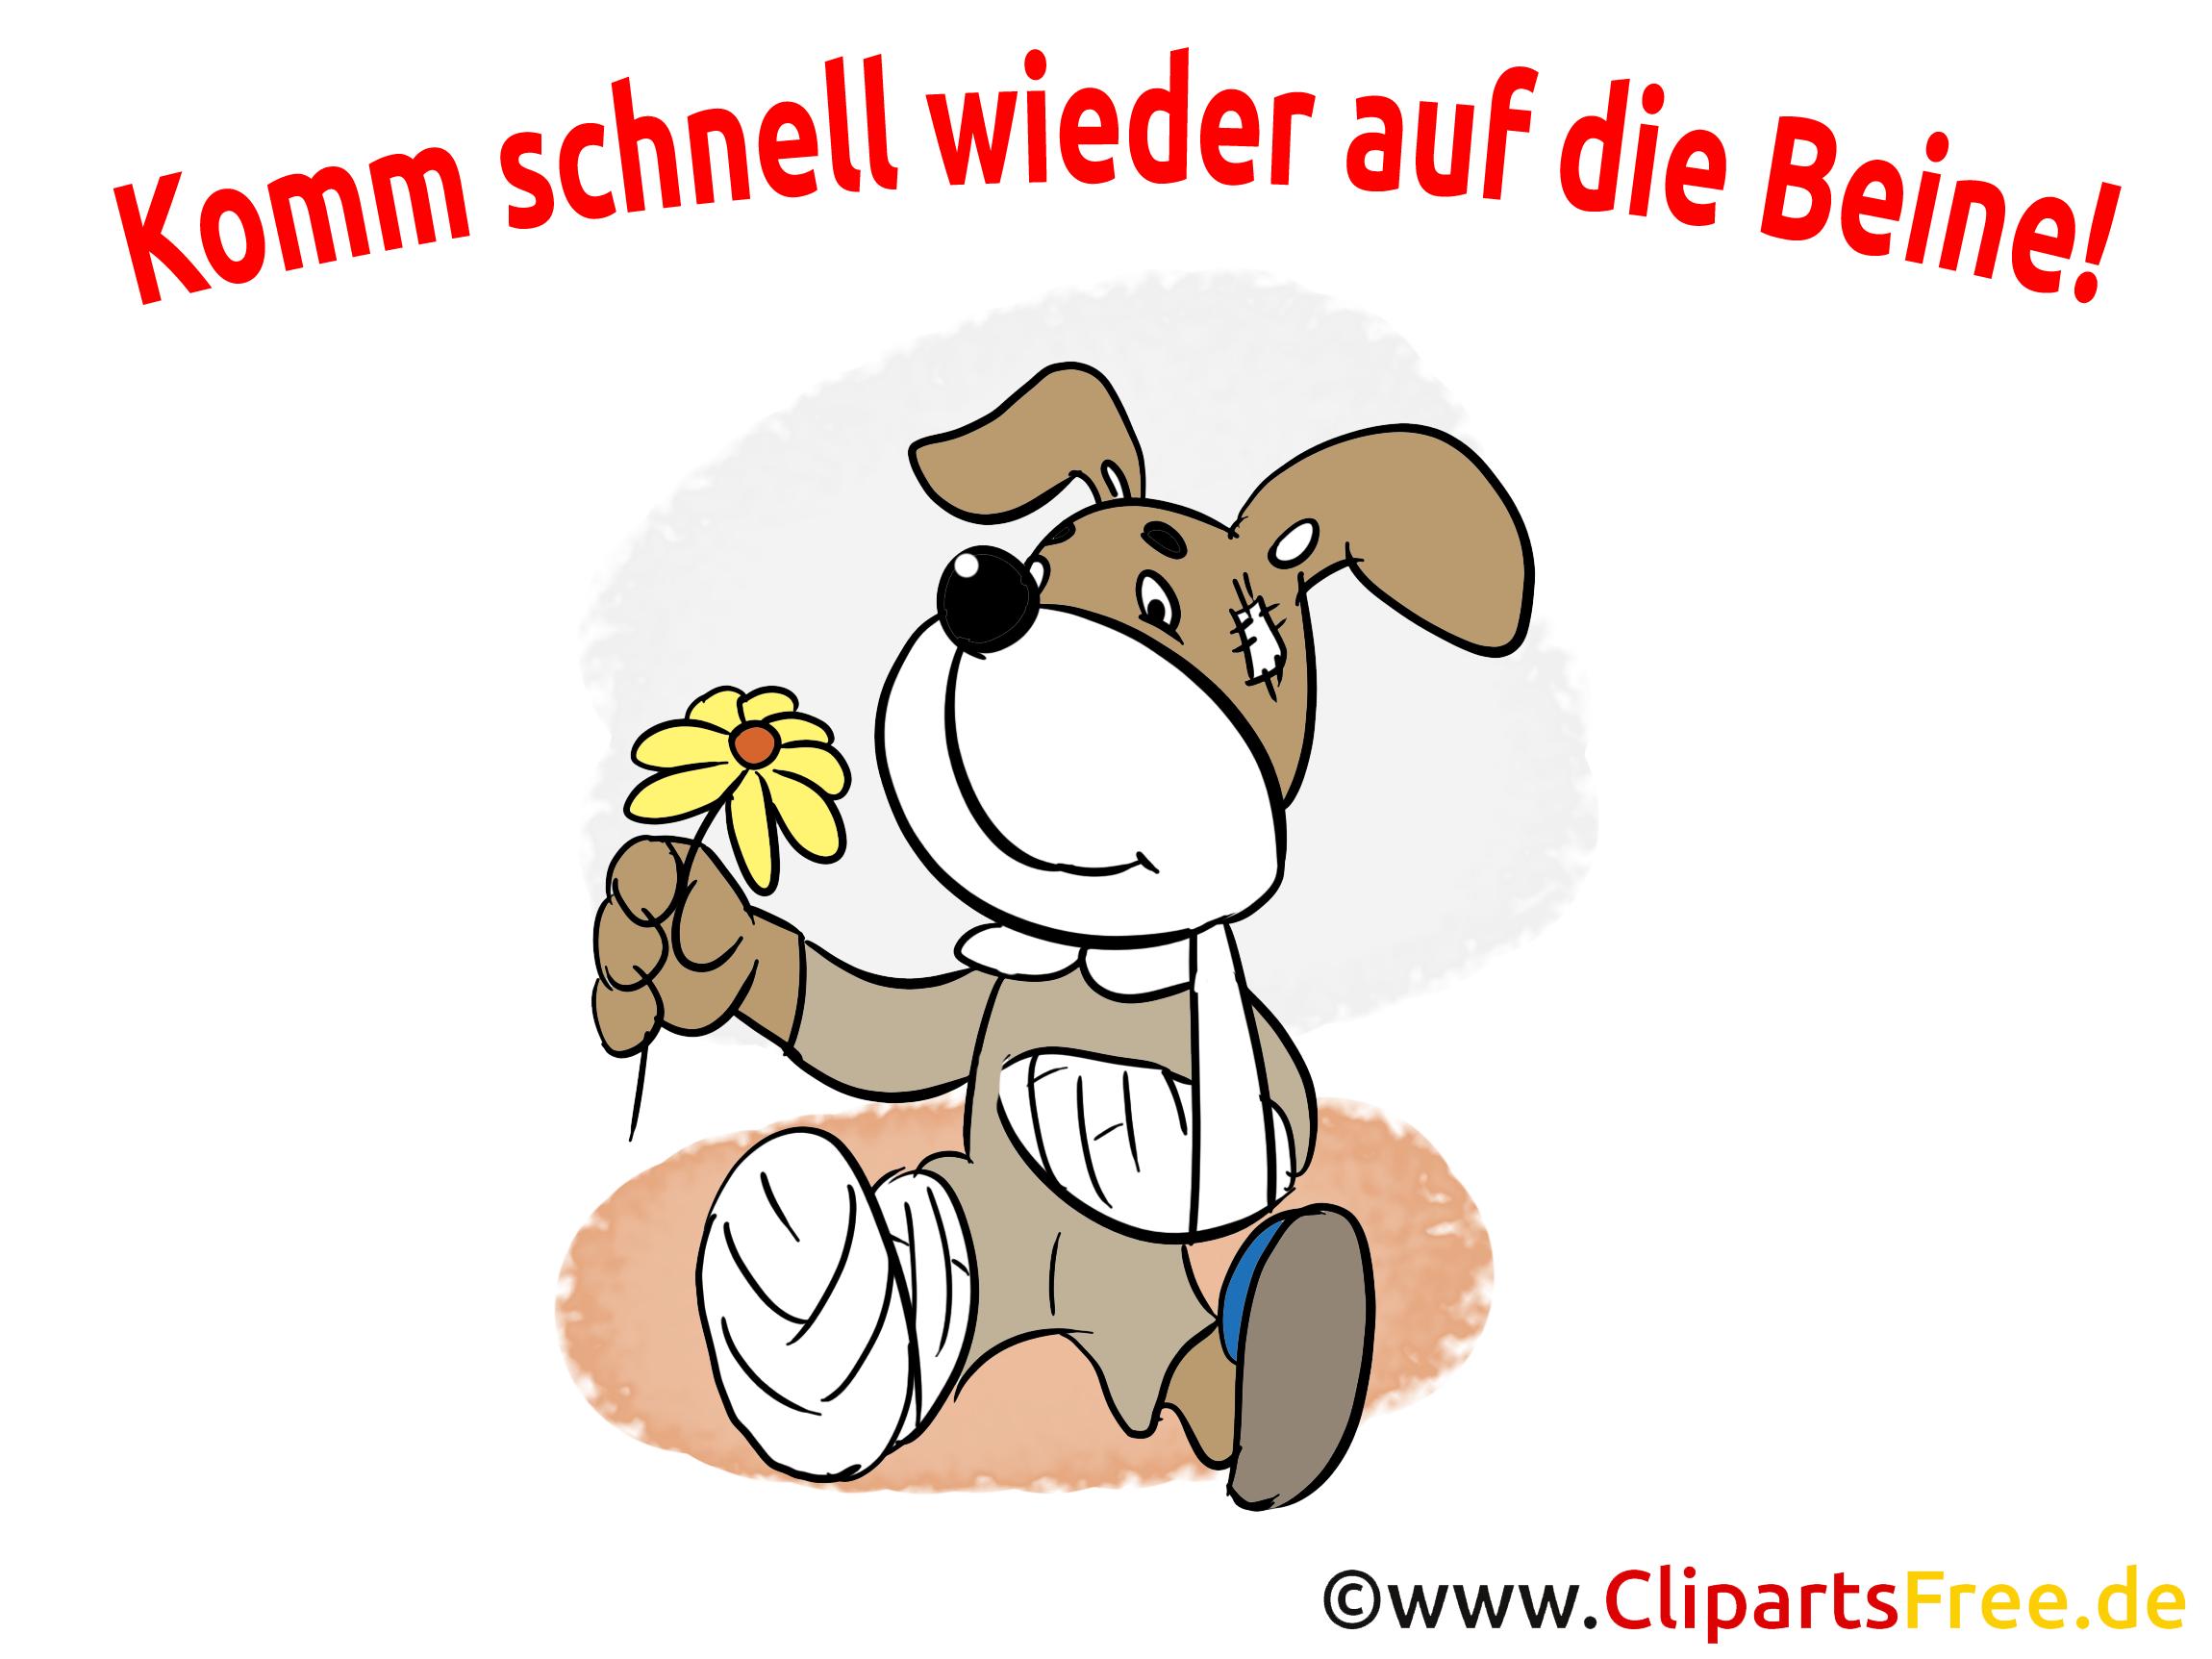 Clipart gute besserung royalty free Gute Besserung Bilder, Cliparts, Cartoons, Grafiken ... royalty free